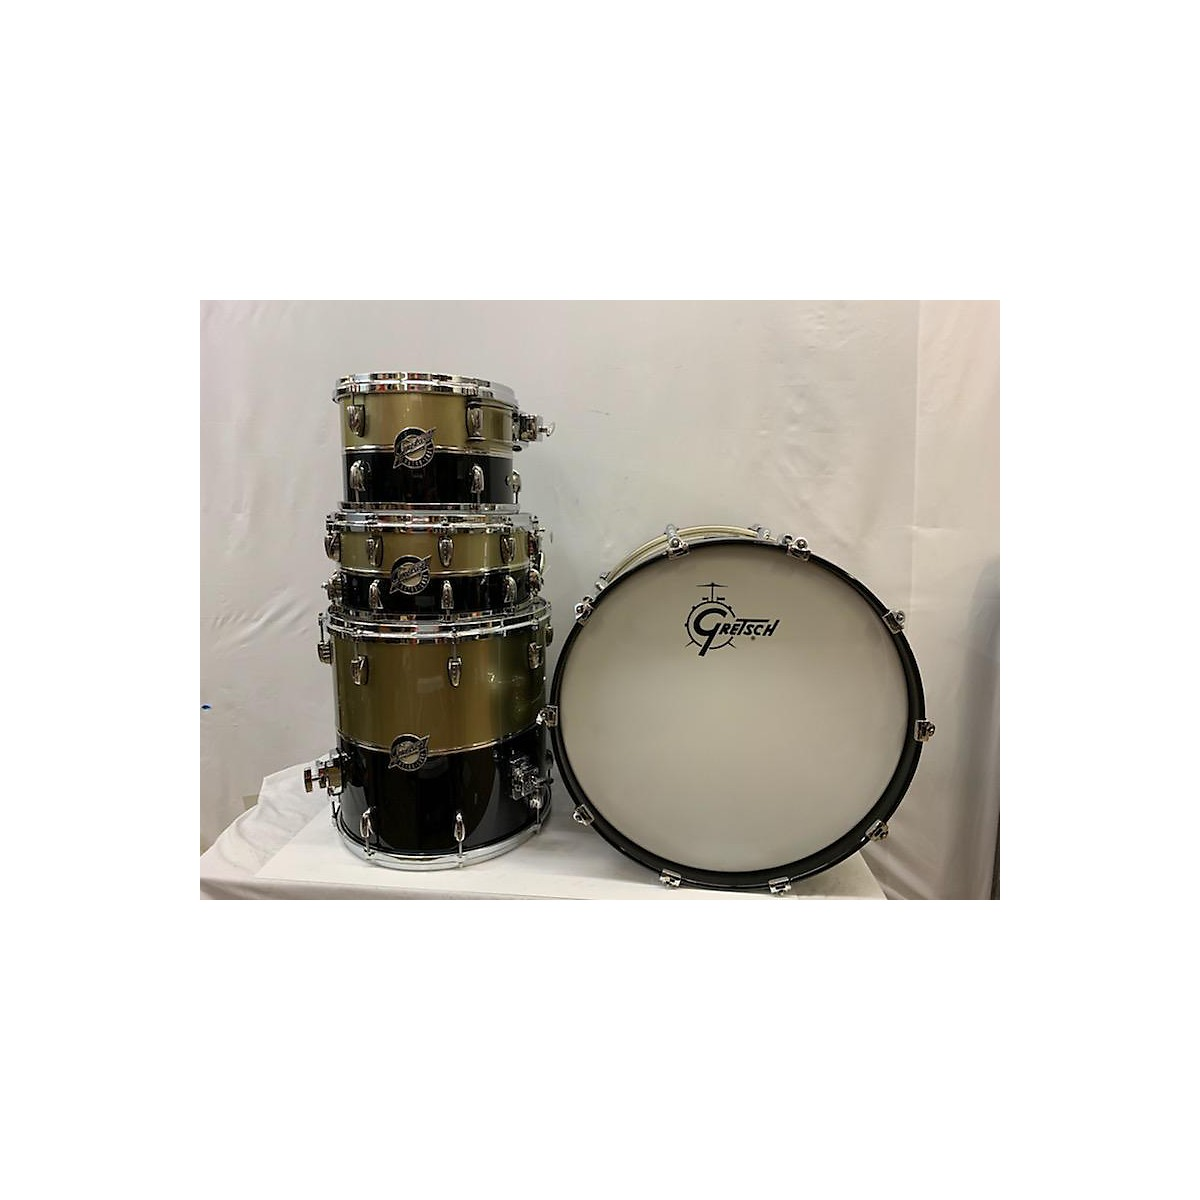 Gretsch Drums Retroluxe Drum Kit